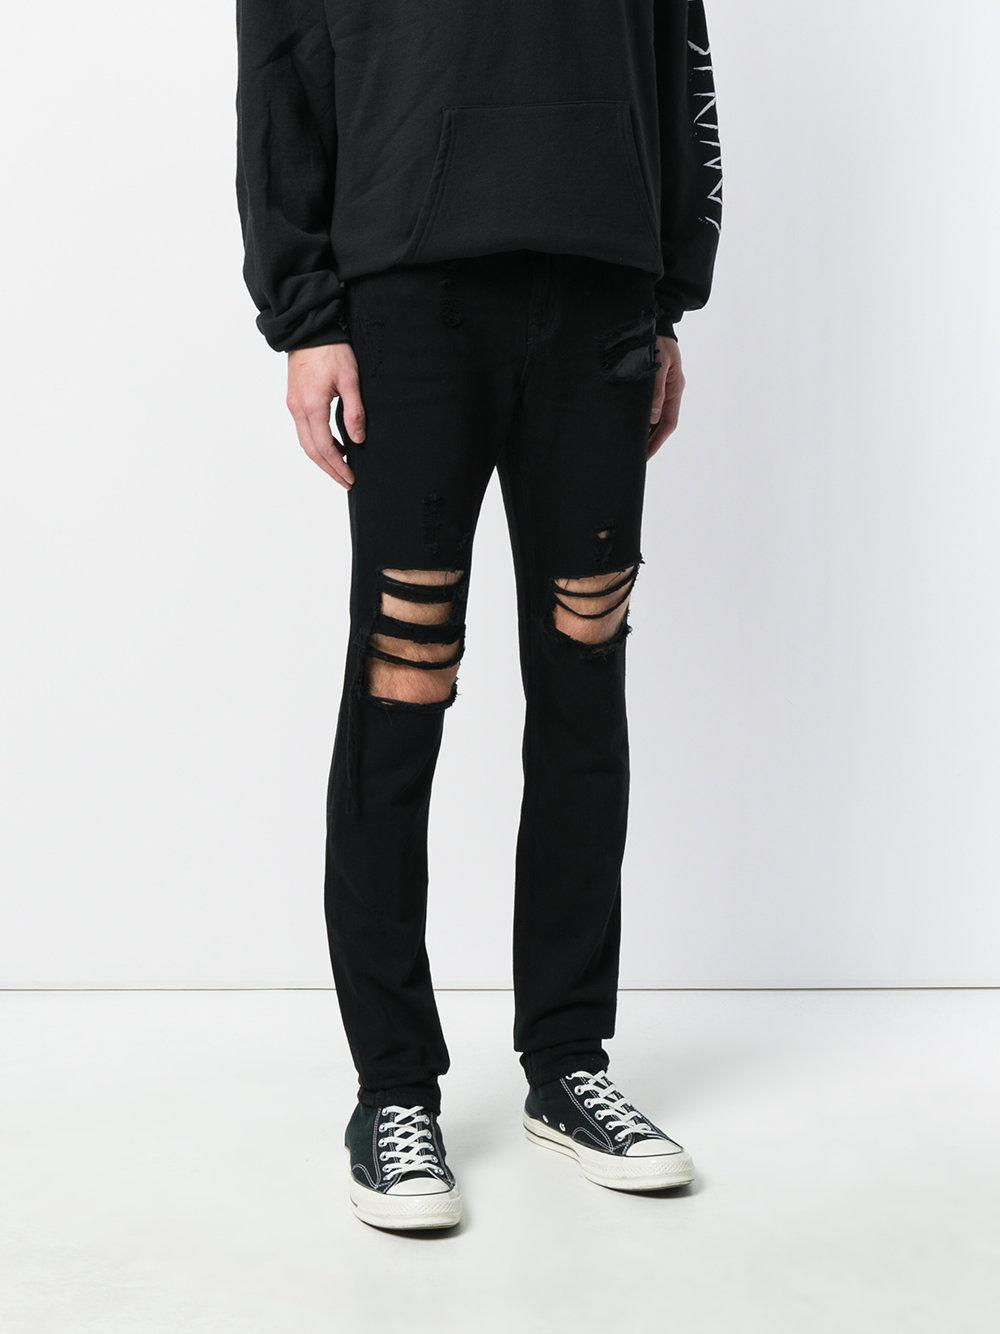 RTA Denim Ripped Skinny Jeans in Black for Men